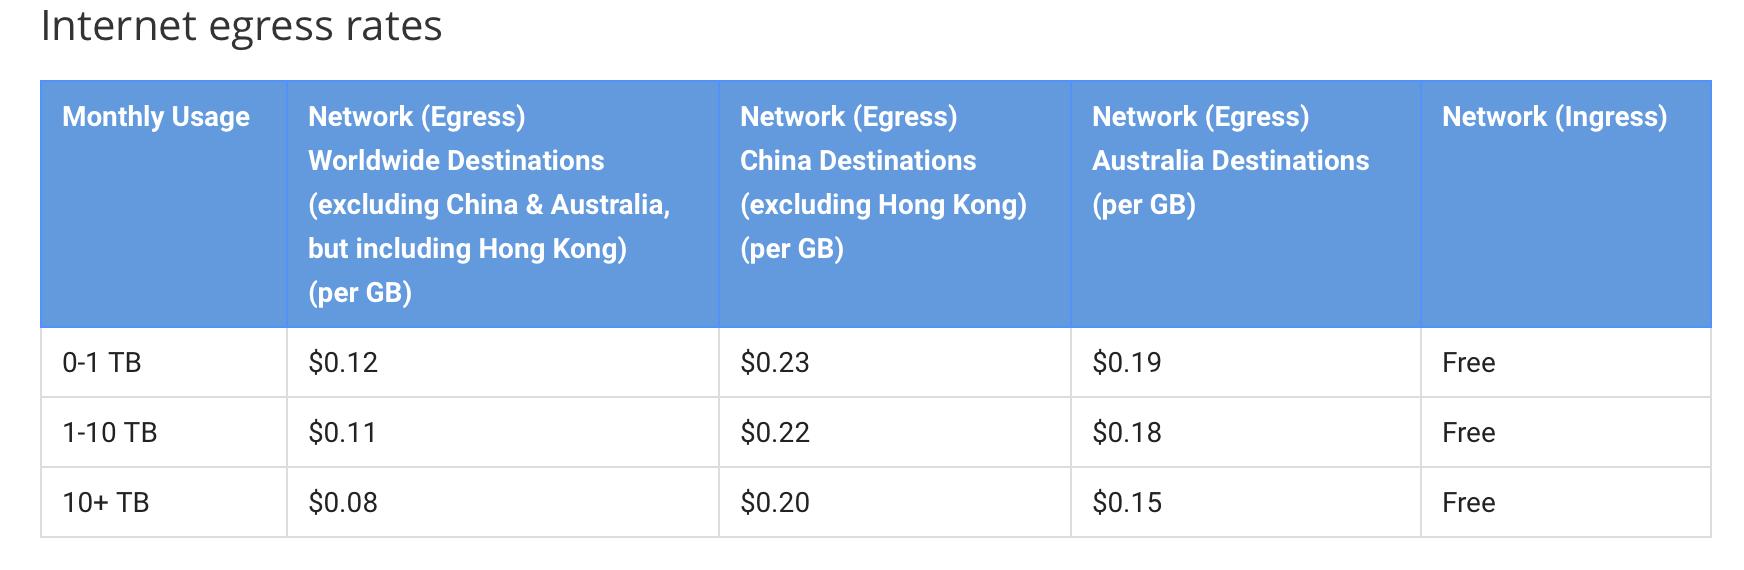 Internet egress rates